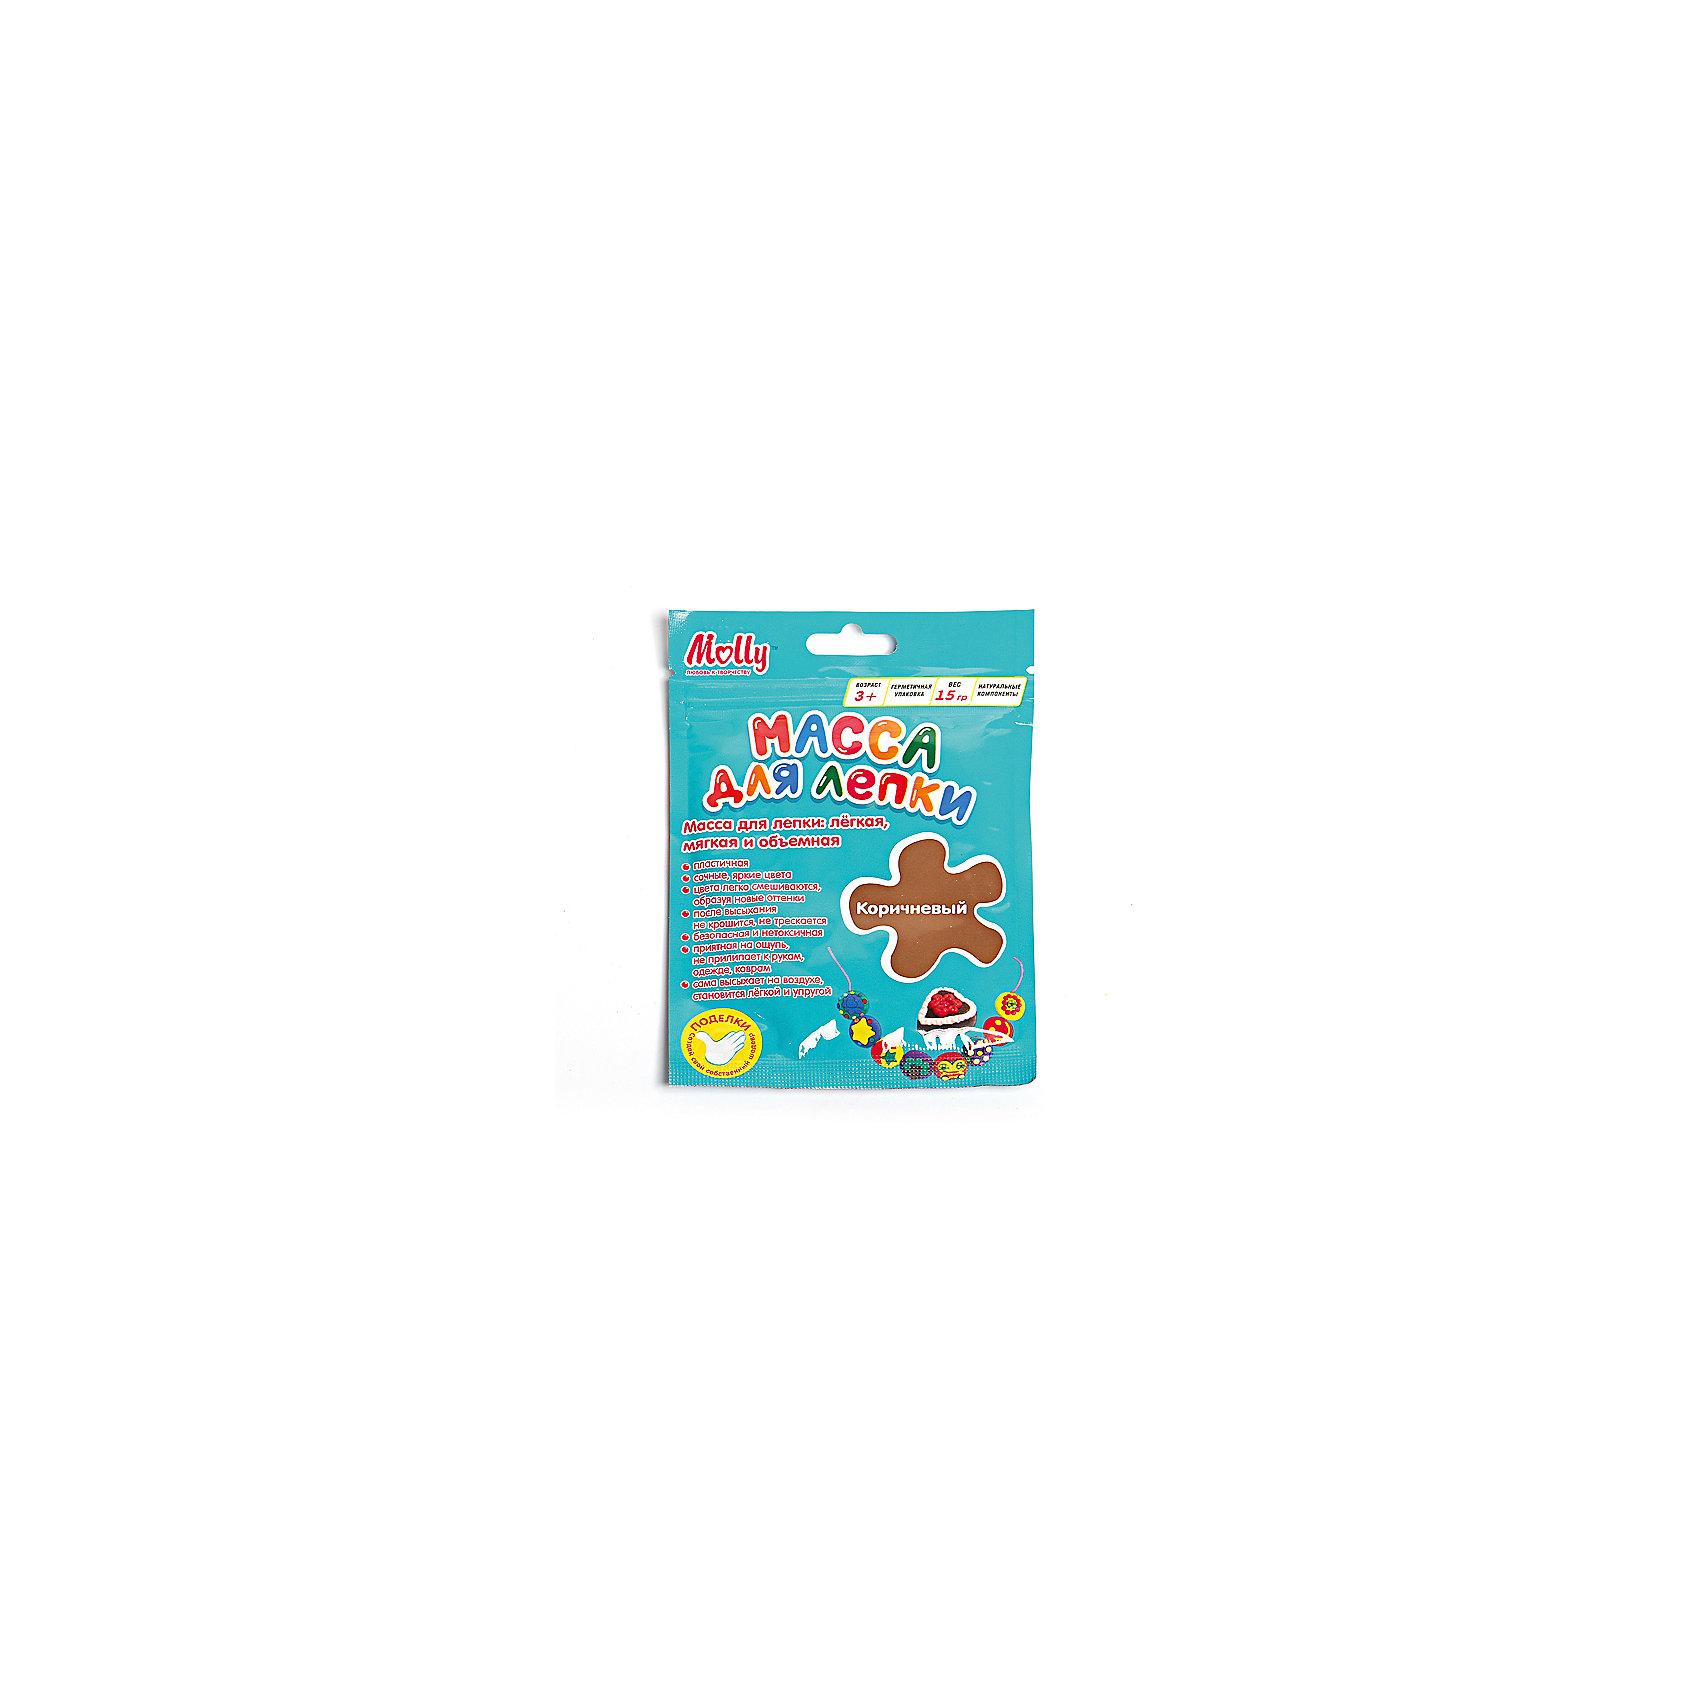 Масса для лепки 15 г, коричневаяМасса для лепки<br>Характеристики товара:<br><br>• материал упаковки: пластик <br>• в комплект входит: масса для лепки<br>• количество цветов: 1<br>• возраст: от 3 лет<br>• габариты упаковки: 10х0,8х15 см<br>• вес: 15 г<br>• страна производитель: Россия<br><br>Работа с материалами для лепки благотворно влияет на развитие малыша. Лепка развивает тактильные восприятия, работает с мелкой моторикой и творческими способностями. Итог лепки – яркая и необычная игрушка, сделанная своими руками. Материалы, использованные при изготовлении товаров, проходят проверку на качество и соответствие международным требованиям по безопасности.<br><br>Готовые поделки можно высушить на открытом воздухе в течение 12-36 часов без применения обжига. При этом масса не трескается и не крошится. <br><br>Массу для лепки 15 г, коричневая можно купить в нашем интернет-магазине.<br><br>Ширина мм: 100<br>Глубина мм: 8<br>Высота мм: 150<br>Вес г: 15<br>Возраст от месяцев: 36<br>Возраст до месяцев: 2147483647<br>Пол: Унисекс<br>Возраст: Детский<br>SKU: 5417587